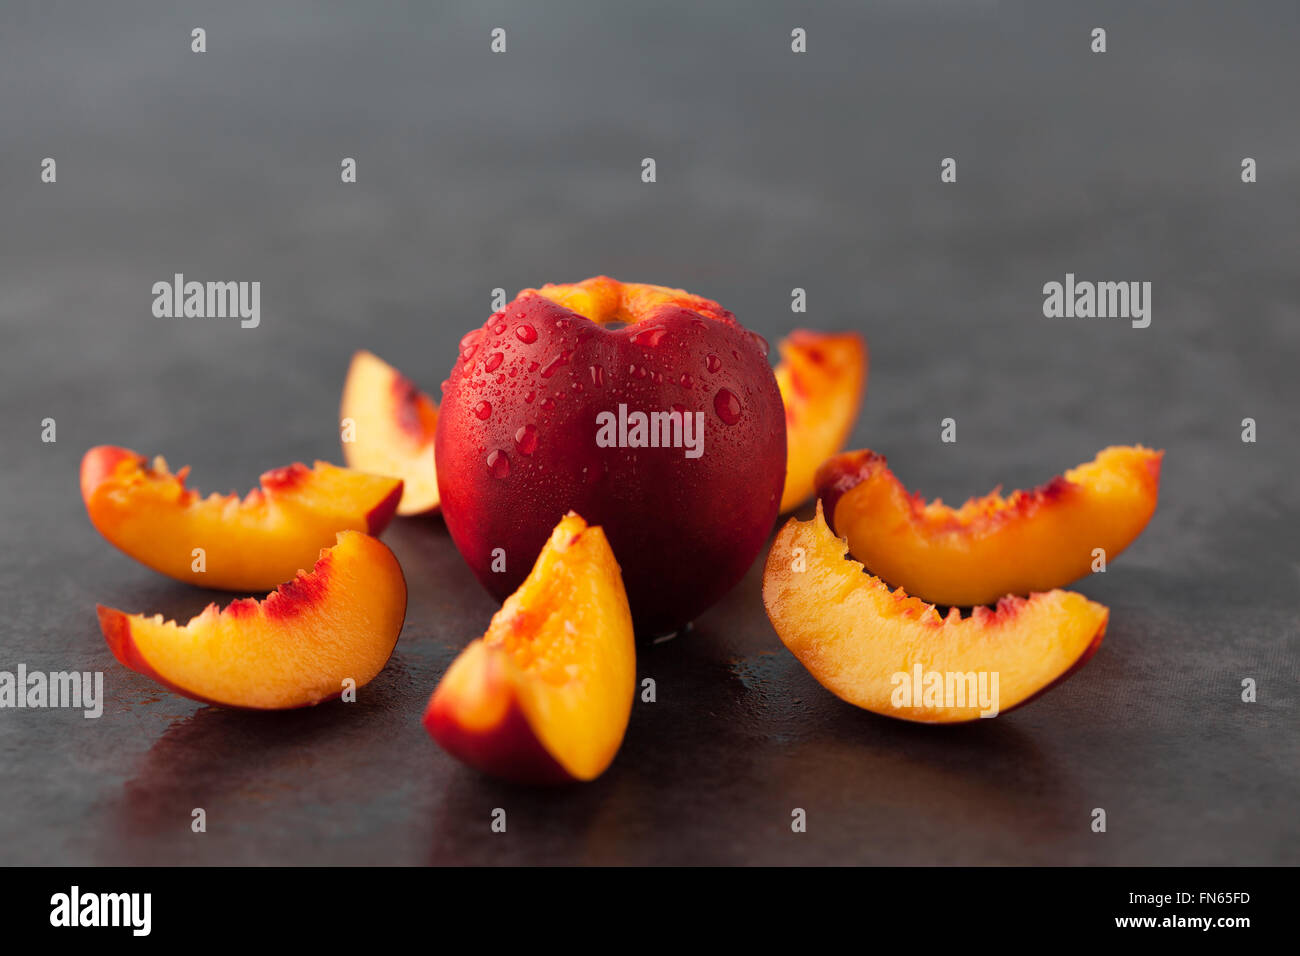 Nectarine Pêche jaune - les fruits entiers et les tranches sur fond sombre grungy. Profondeur de champ. Photo Stock